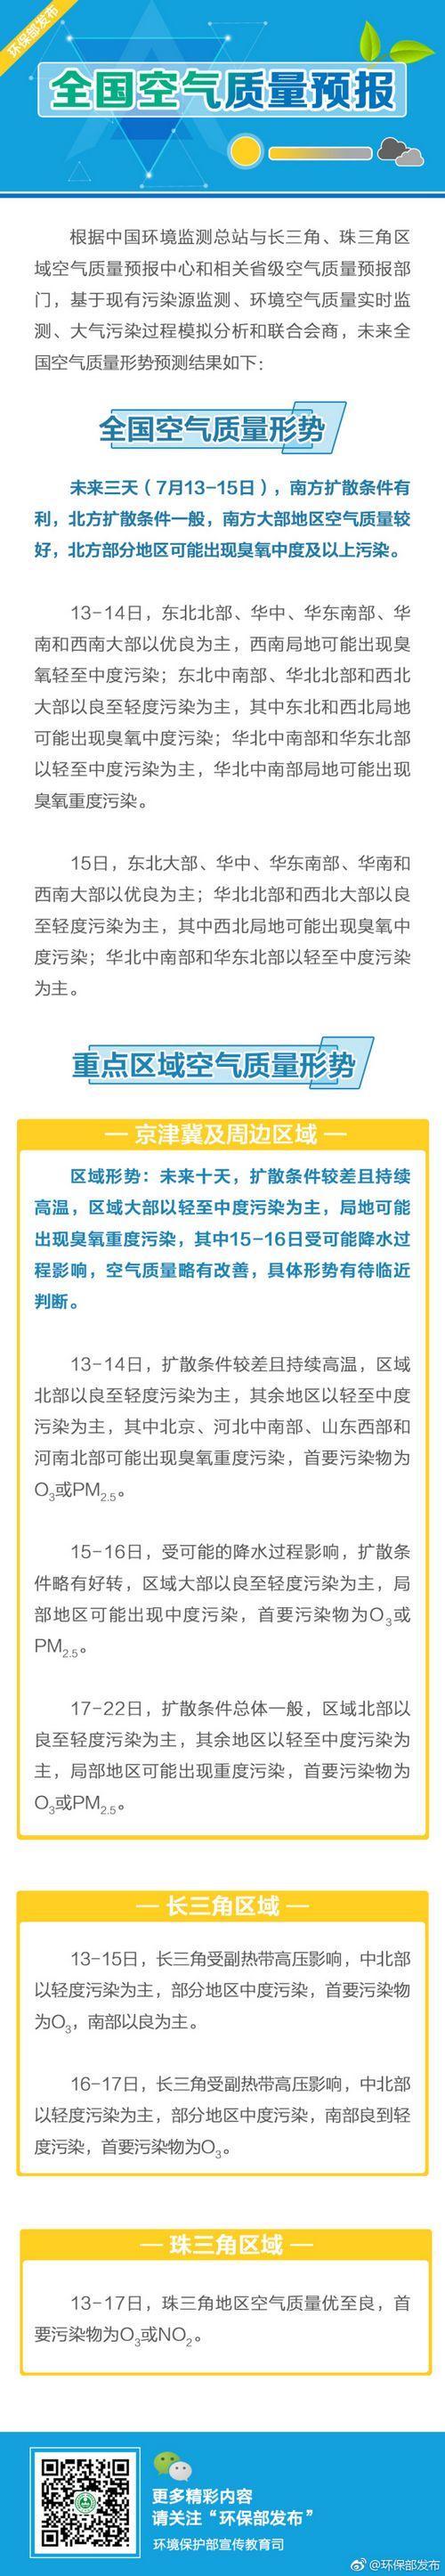 图片来源:环境保护部宣传教育司官方微博